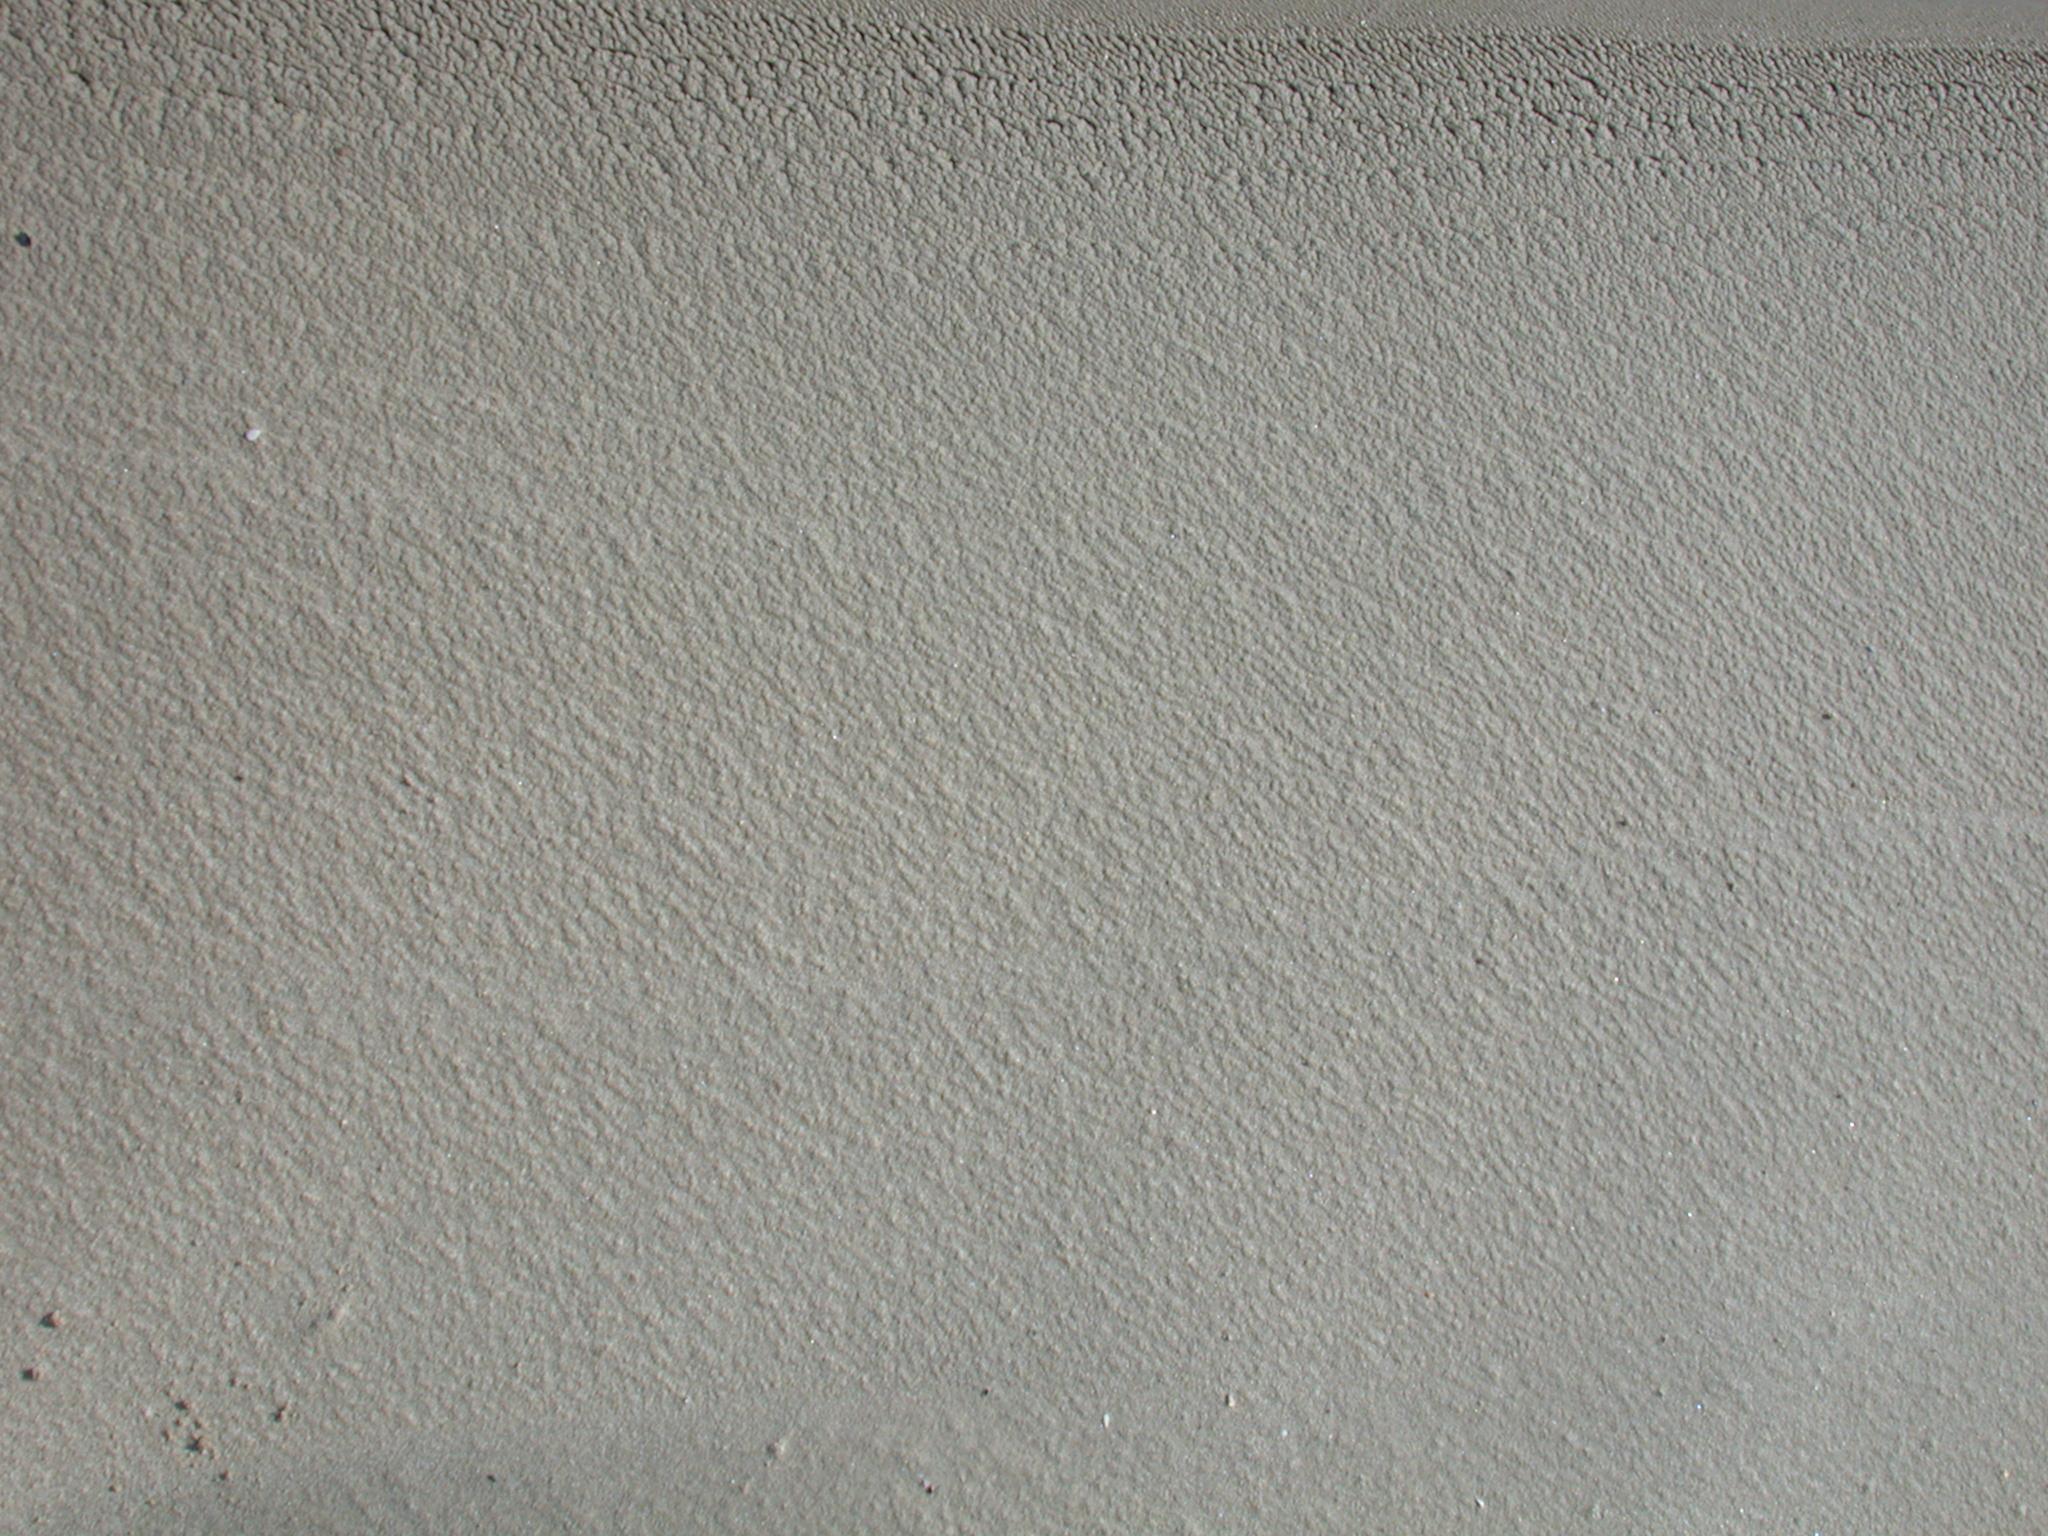 Paint & amp; Revestimientos de Paredes búsqueda Primers, Wallpaper y etiquetas de la pared en línea ()